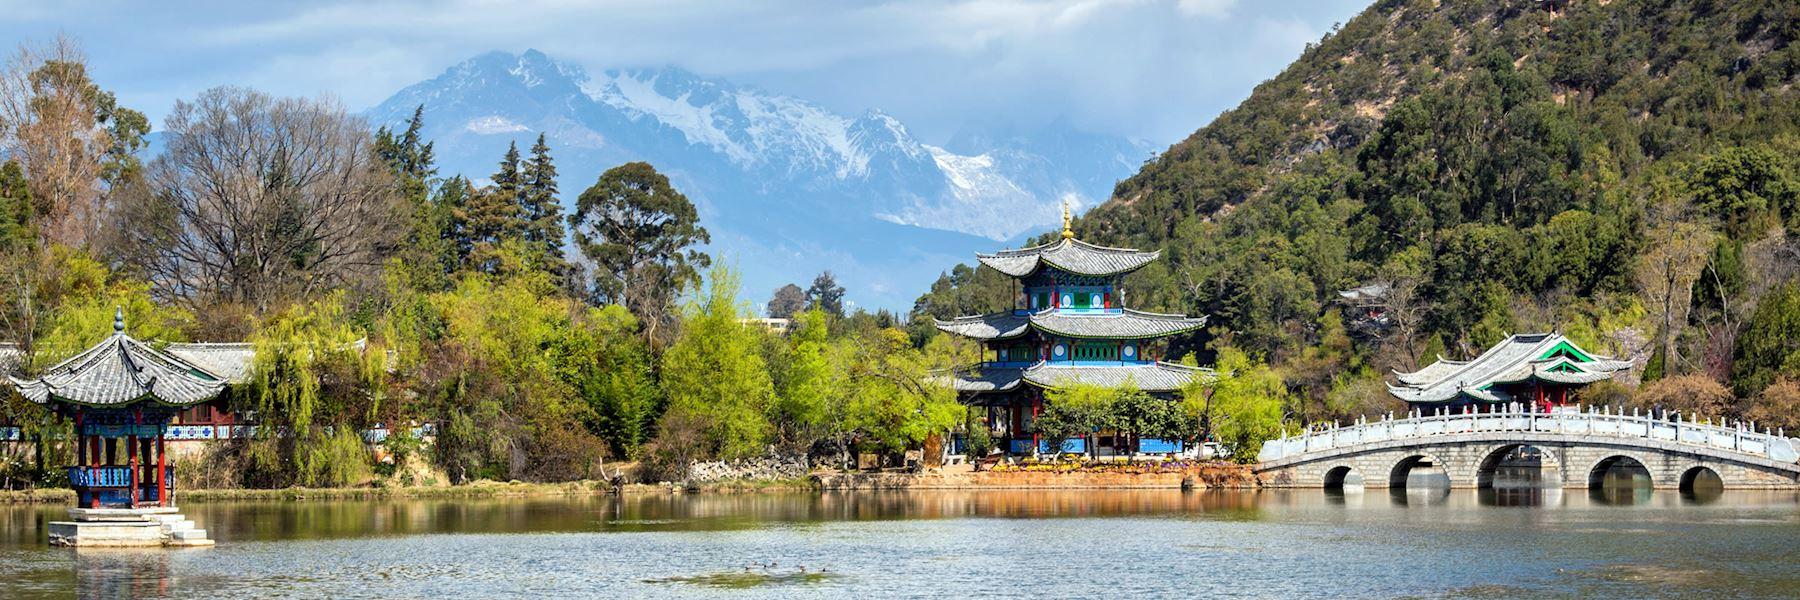 Visit Lijiang, China